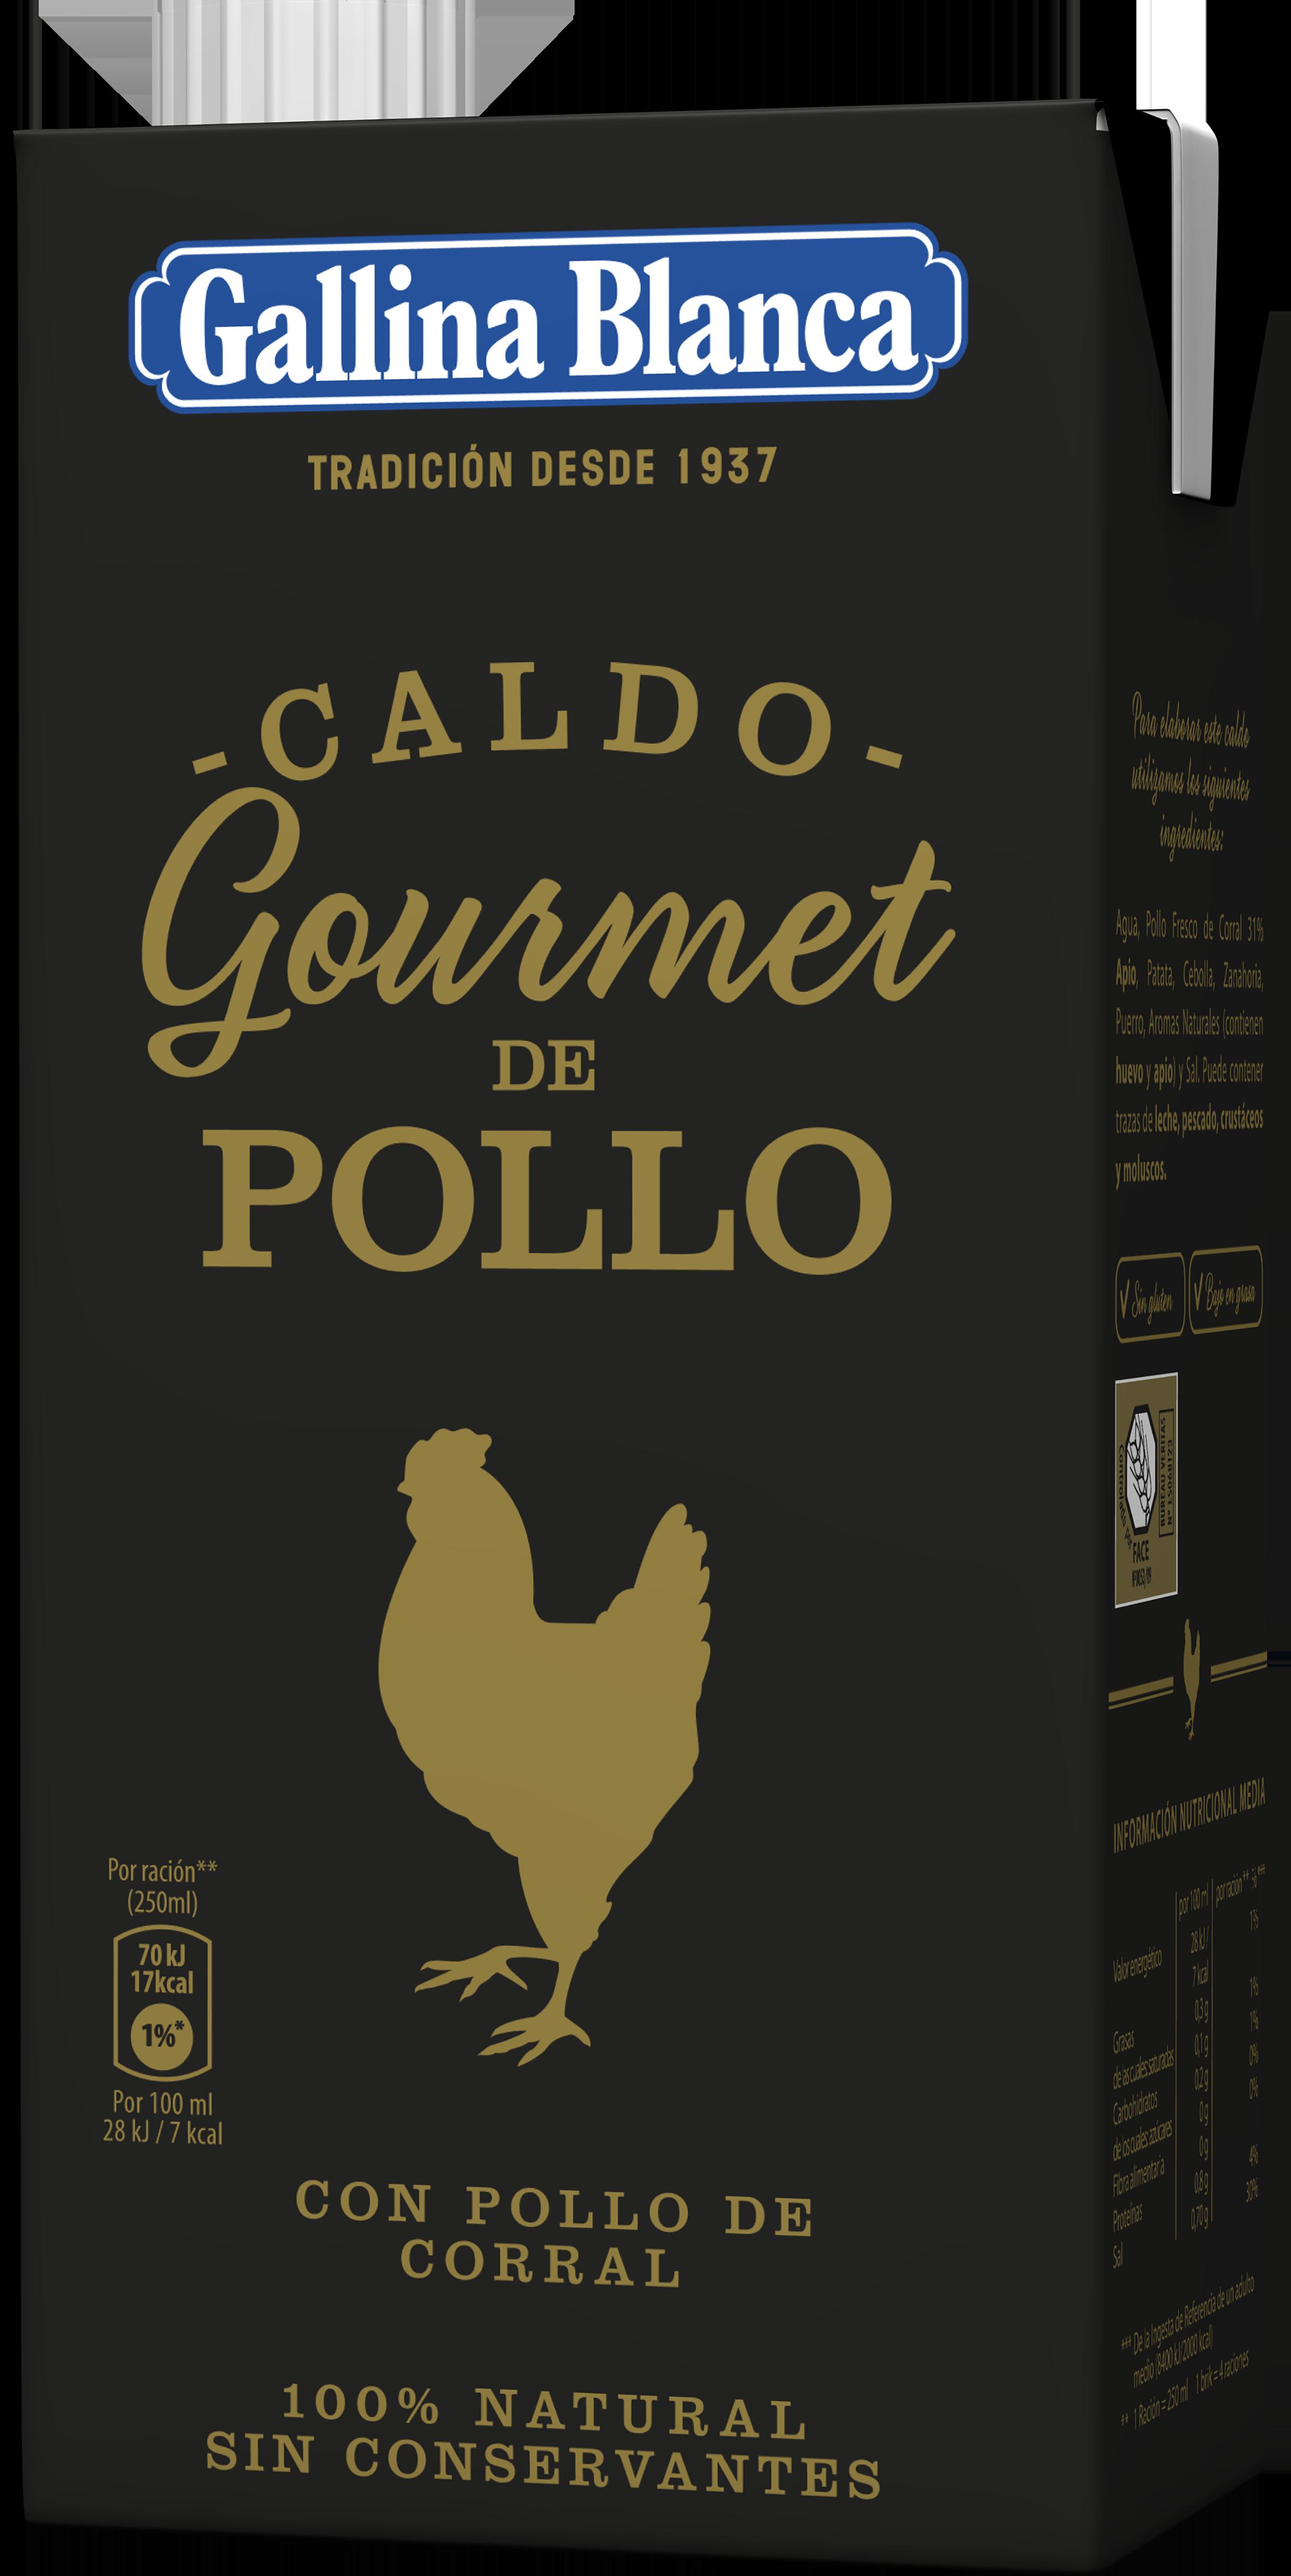 Caldo Gourmet de Pollo